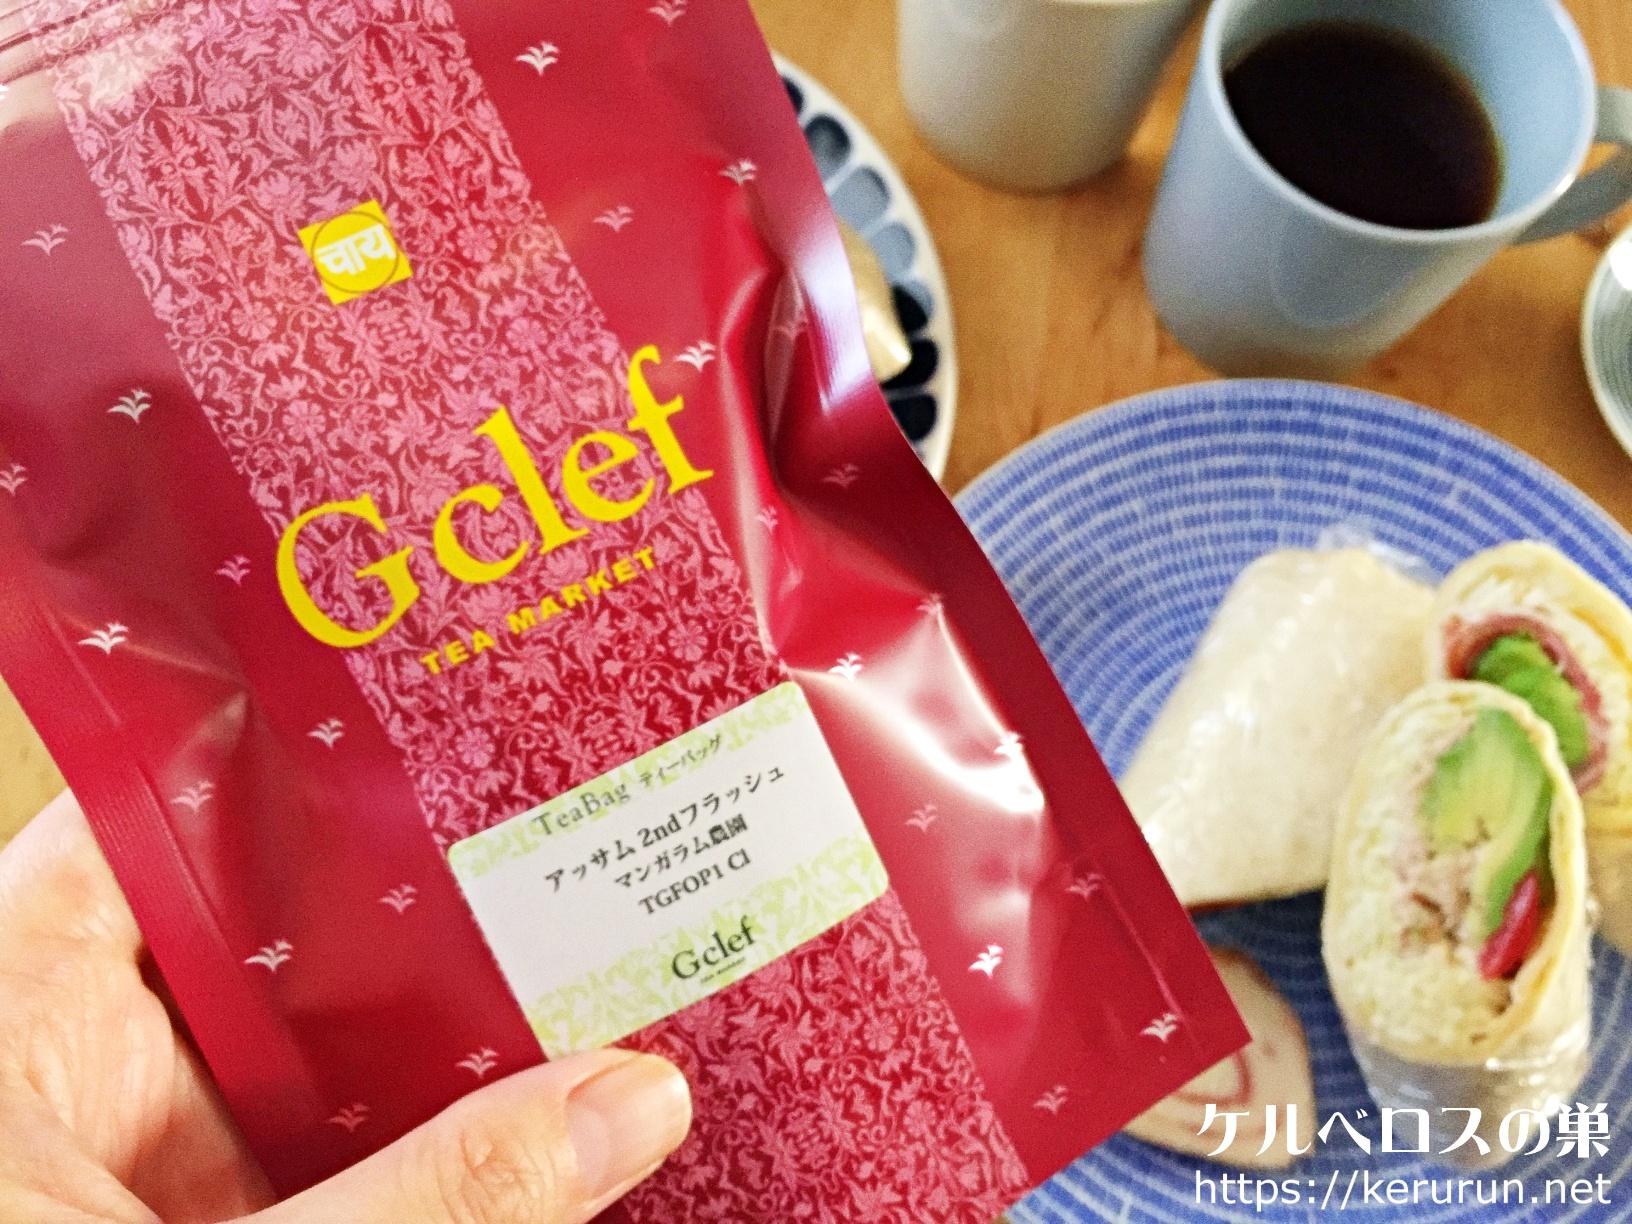 Gクレフの紅茶